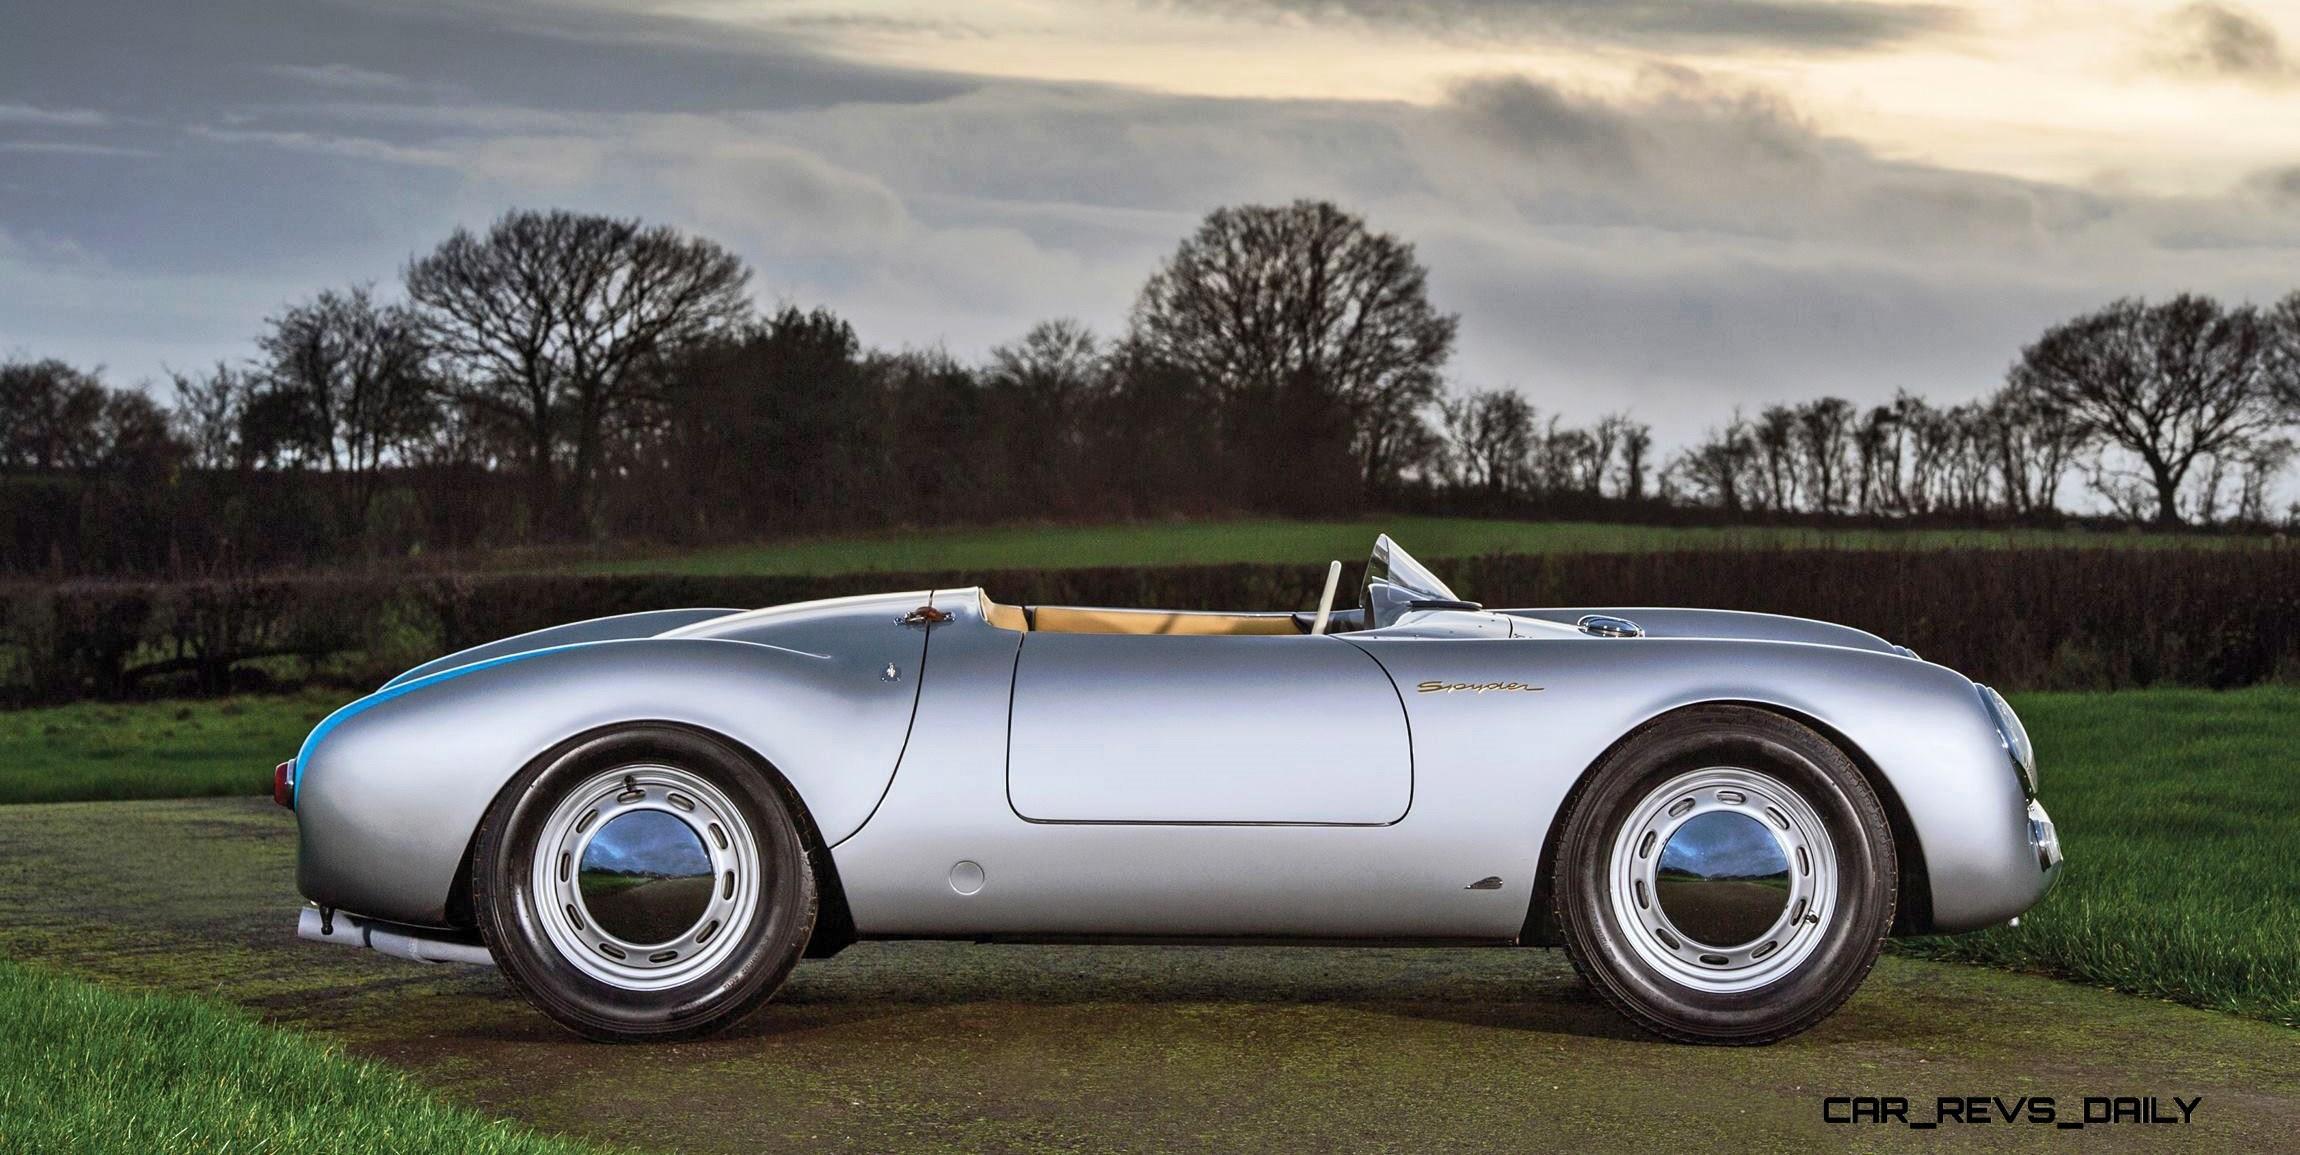 This 1955 Porsche 550 Spyder Is Worth 4k Per Pound